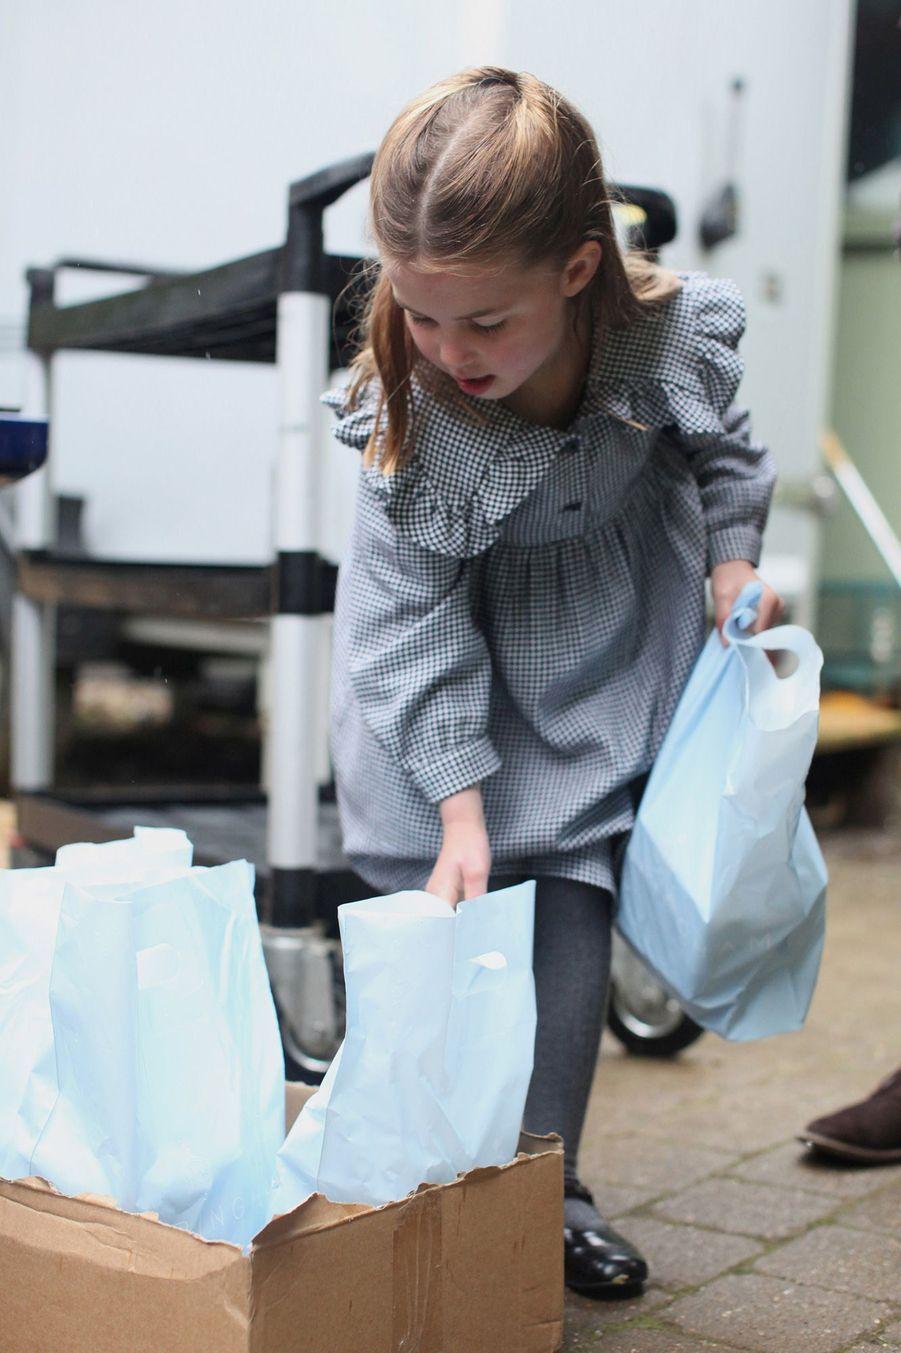 La princesse Charlotte distribue des paniers alimentaires pendant la pandémie, devant l'objectif de sa mère, Kate Middleton.